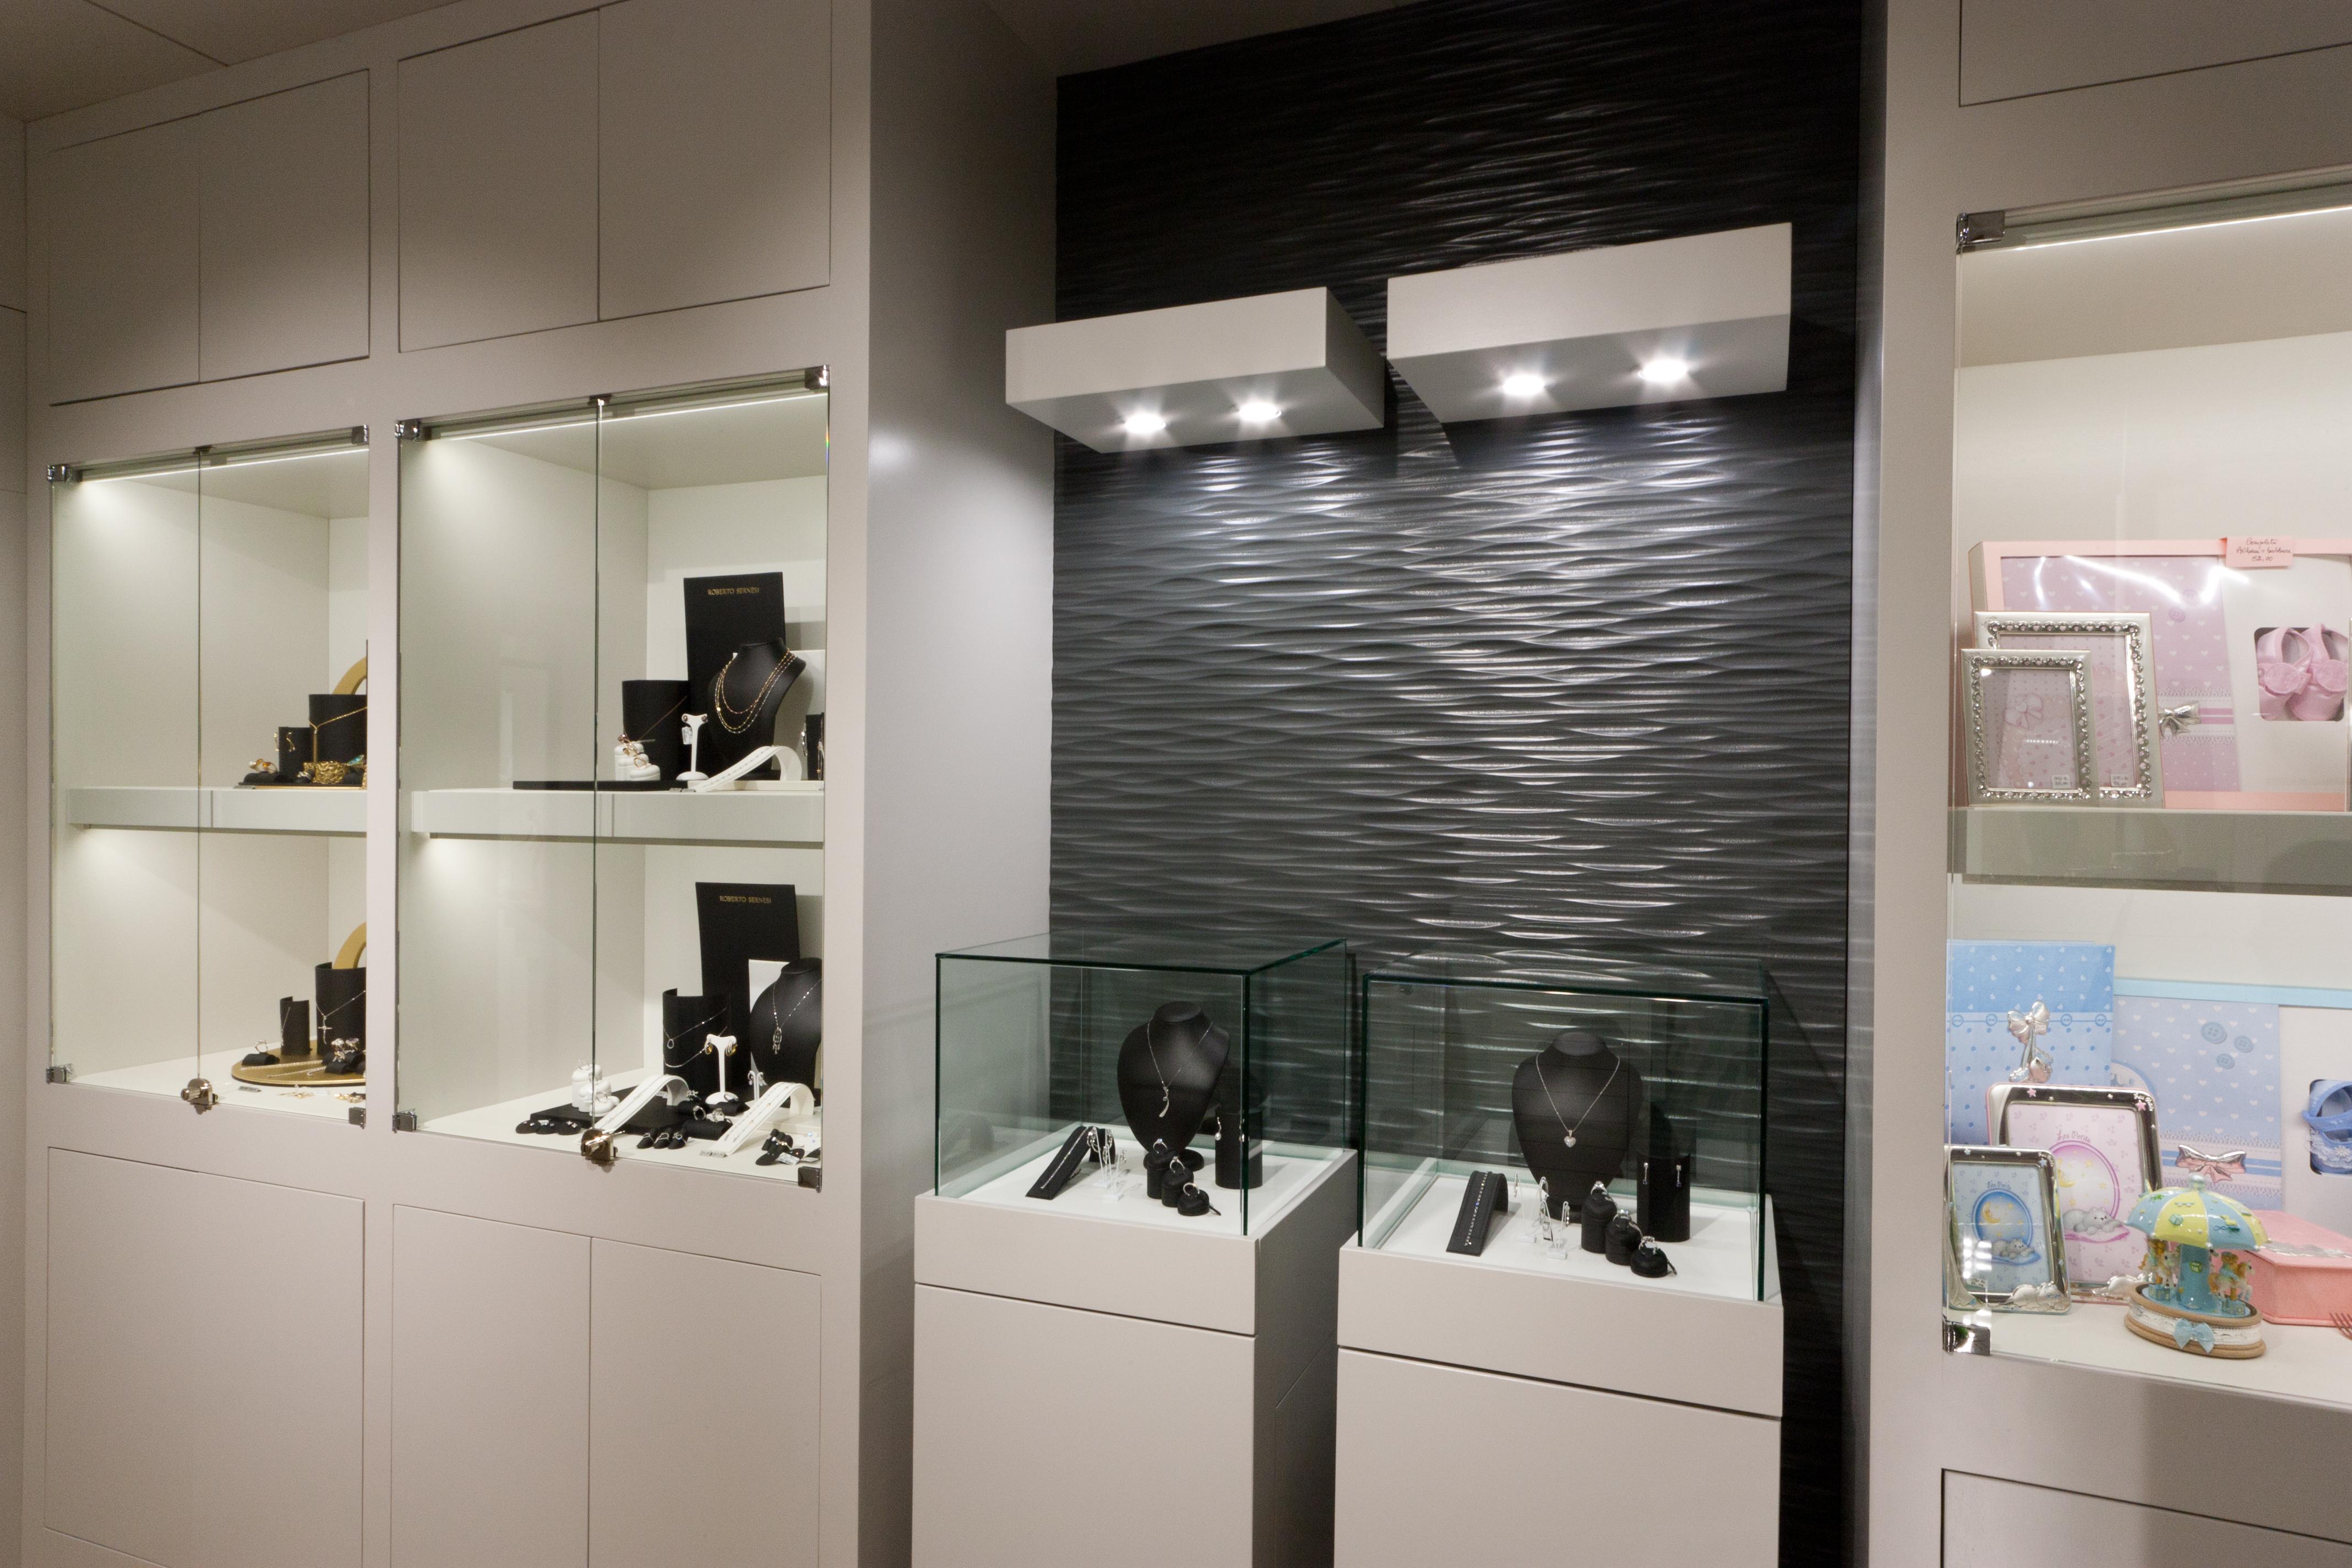 Illuminazione gioielleria luce led su misura per gioielli e preziosi